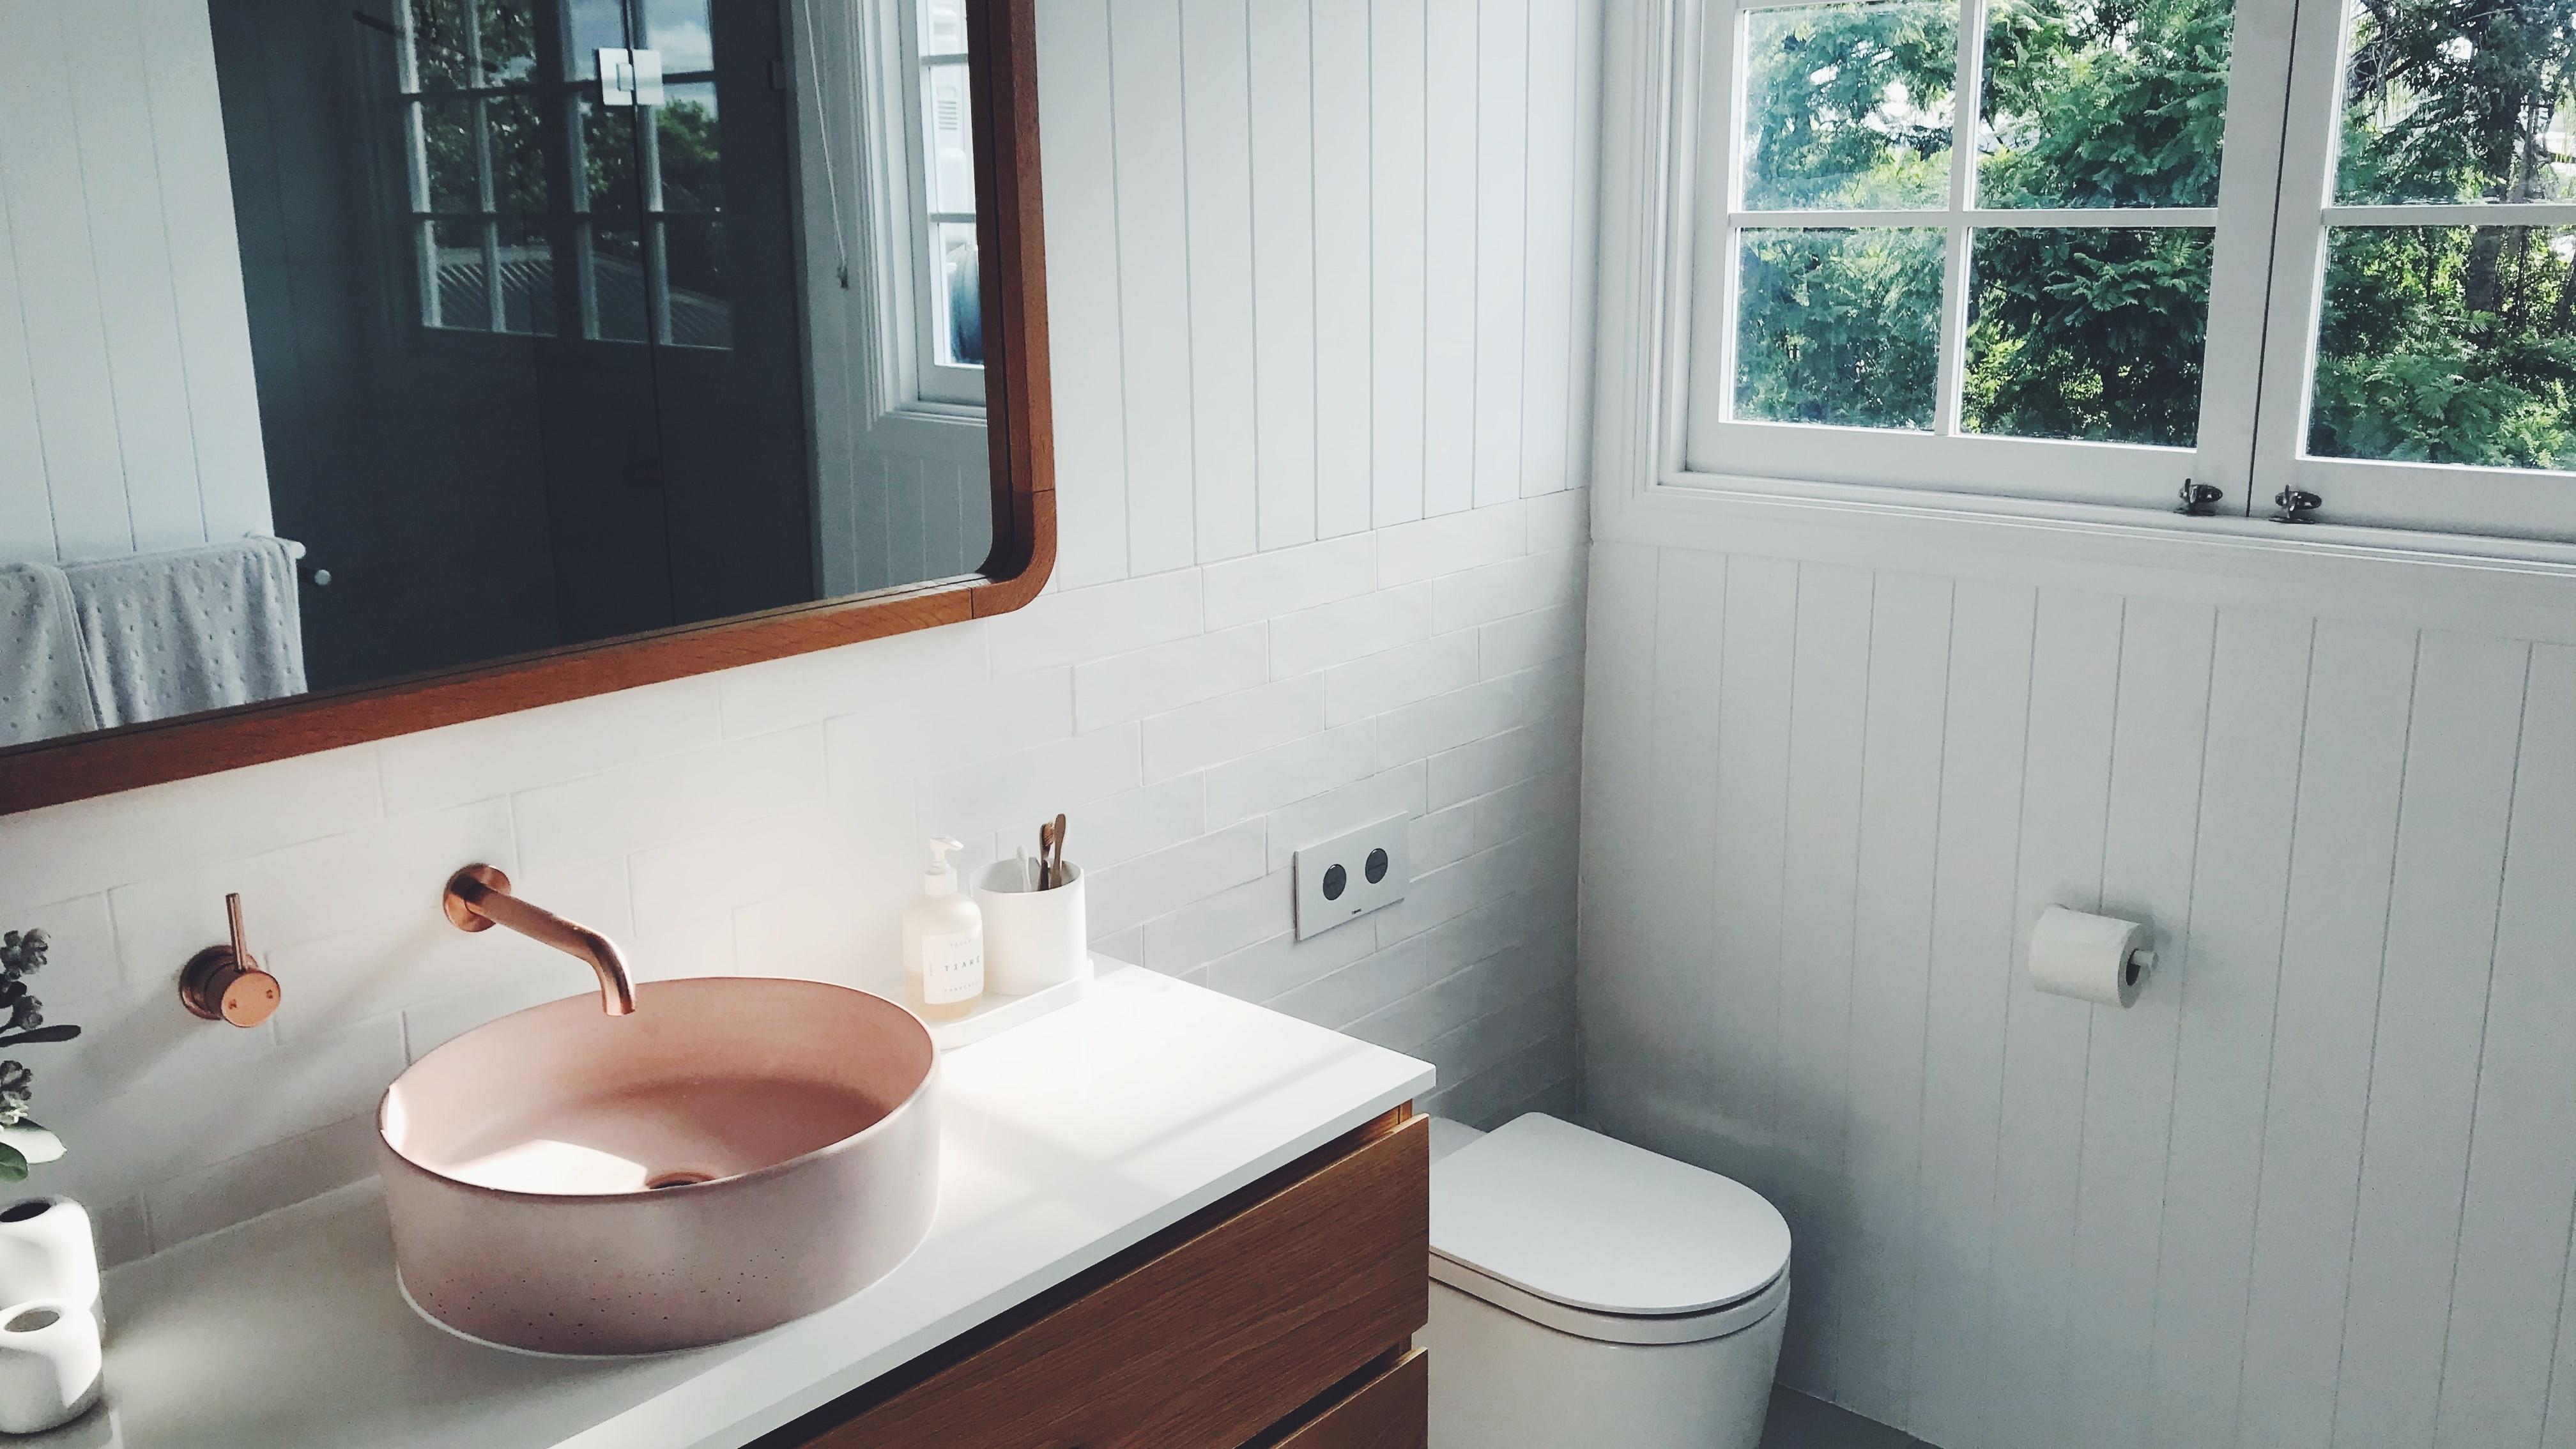 Badezimmer dekorieren: Die 7 besten Tipps